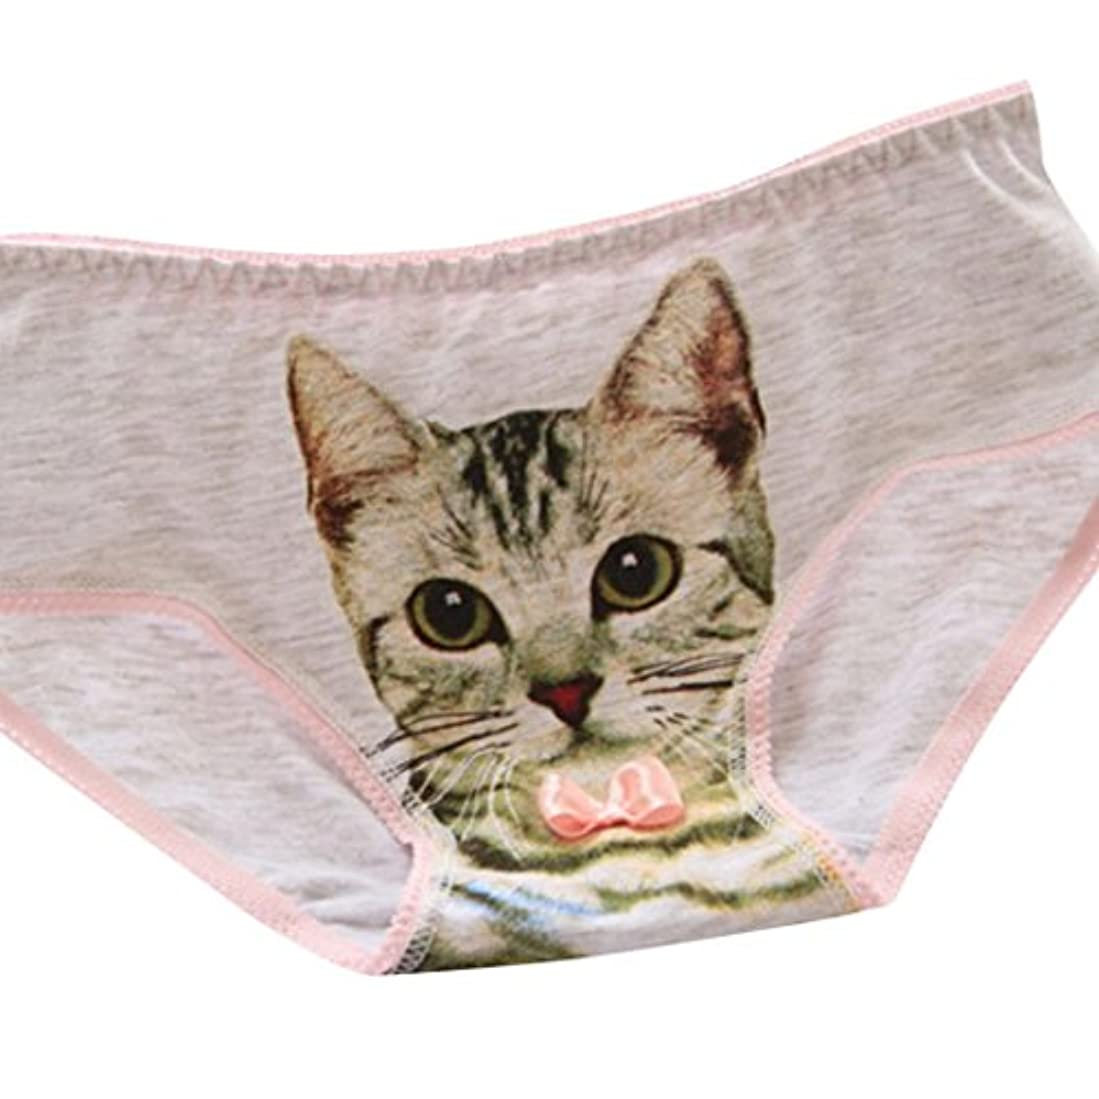 満たすクレデンシャルテクスチャーKohore レディース セクシー パンティ 可愛い 3D 猫柄 新型 三角 綿 Tバック 下着 多色 過激 ランジェリー 見せパン ビキニ パンツ 誘惑 エッチ Tショーツ エロ 女性 パンティー Gストリング プレゼント